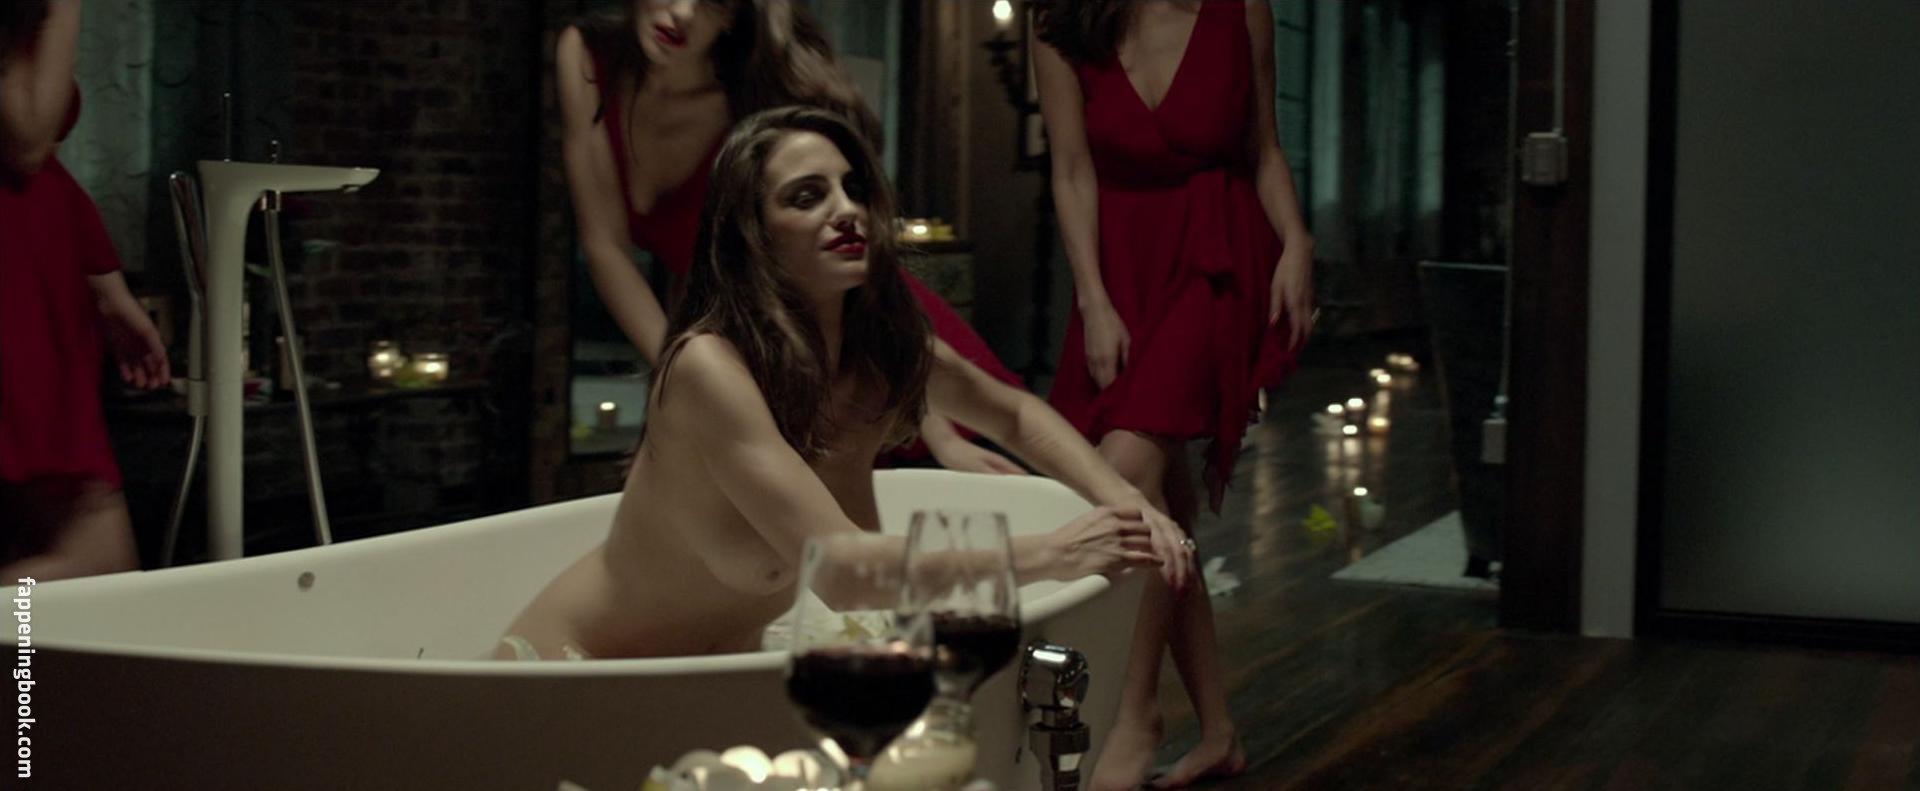 Moraes nude luisa Luisa Moraes